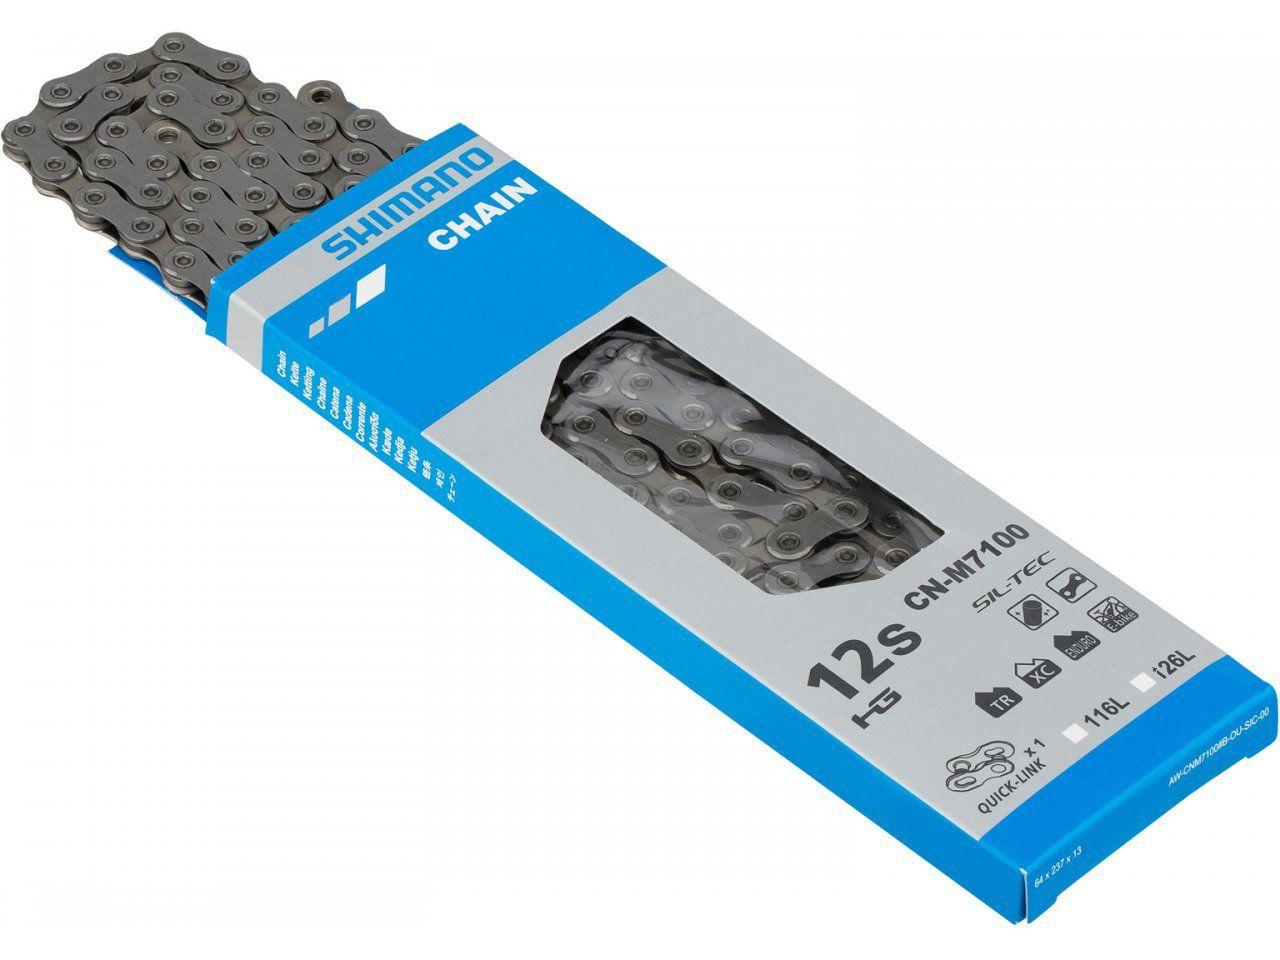 Grupo Shimano SLX M7100 4 Peças Cassete 10-51 12 velocidades 2019 Lançamento